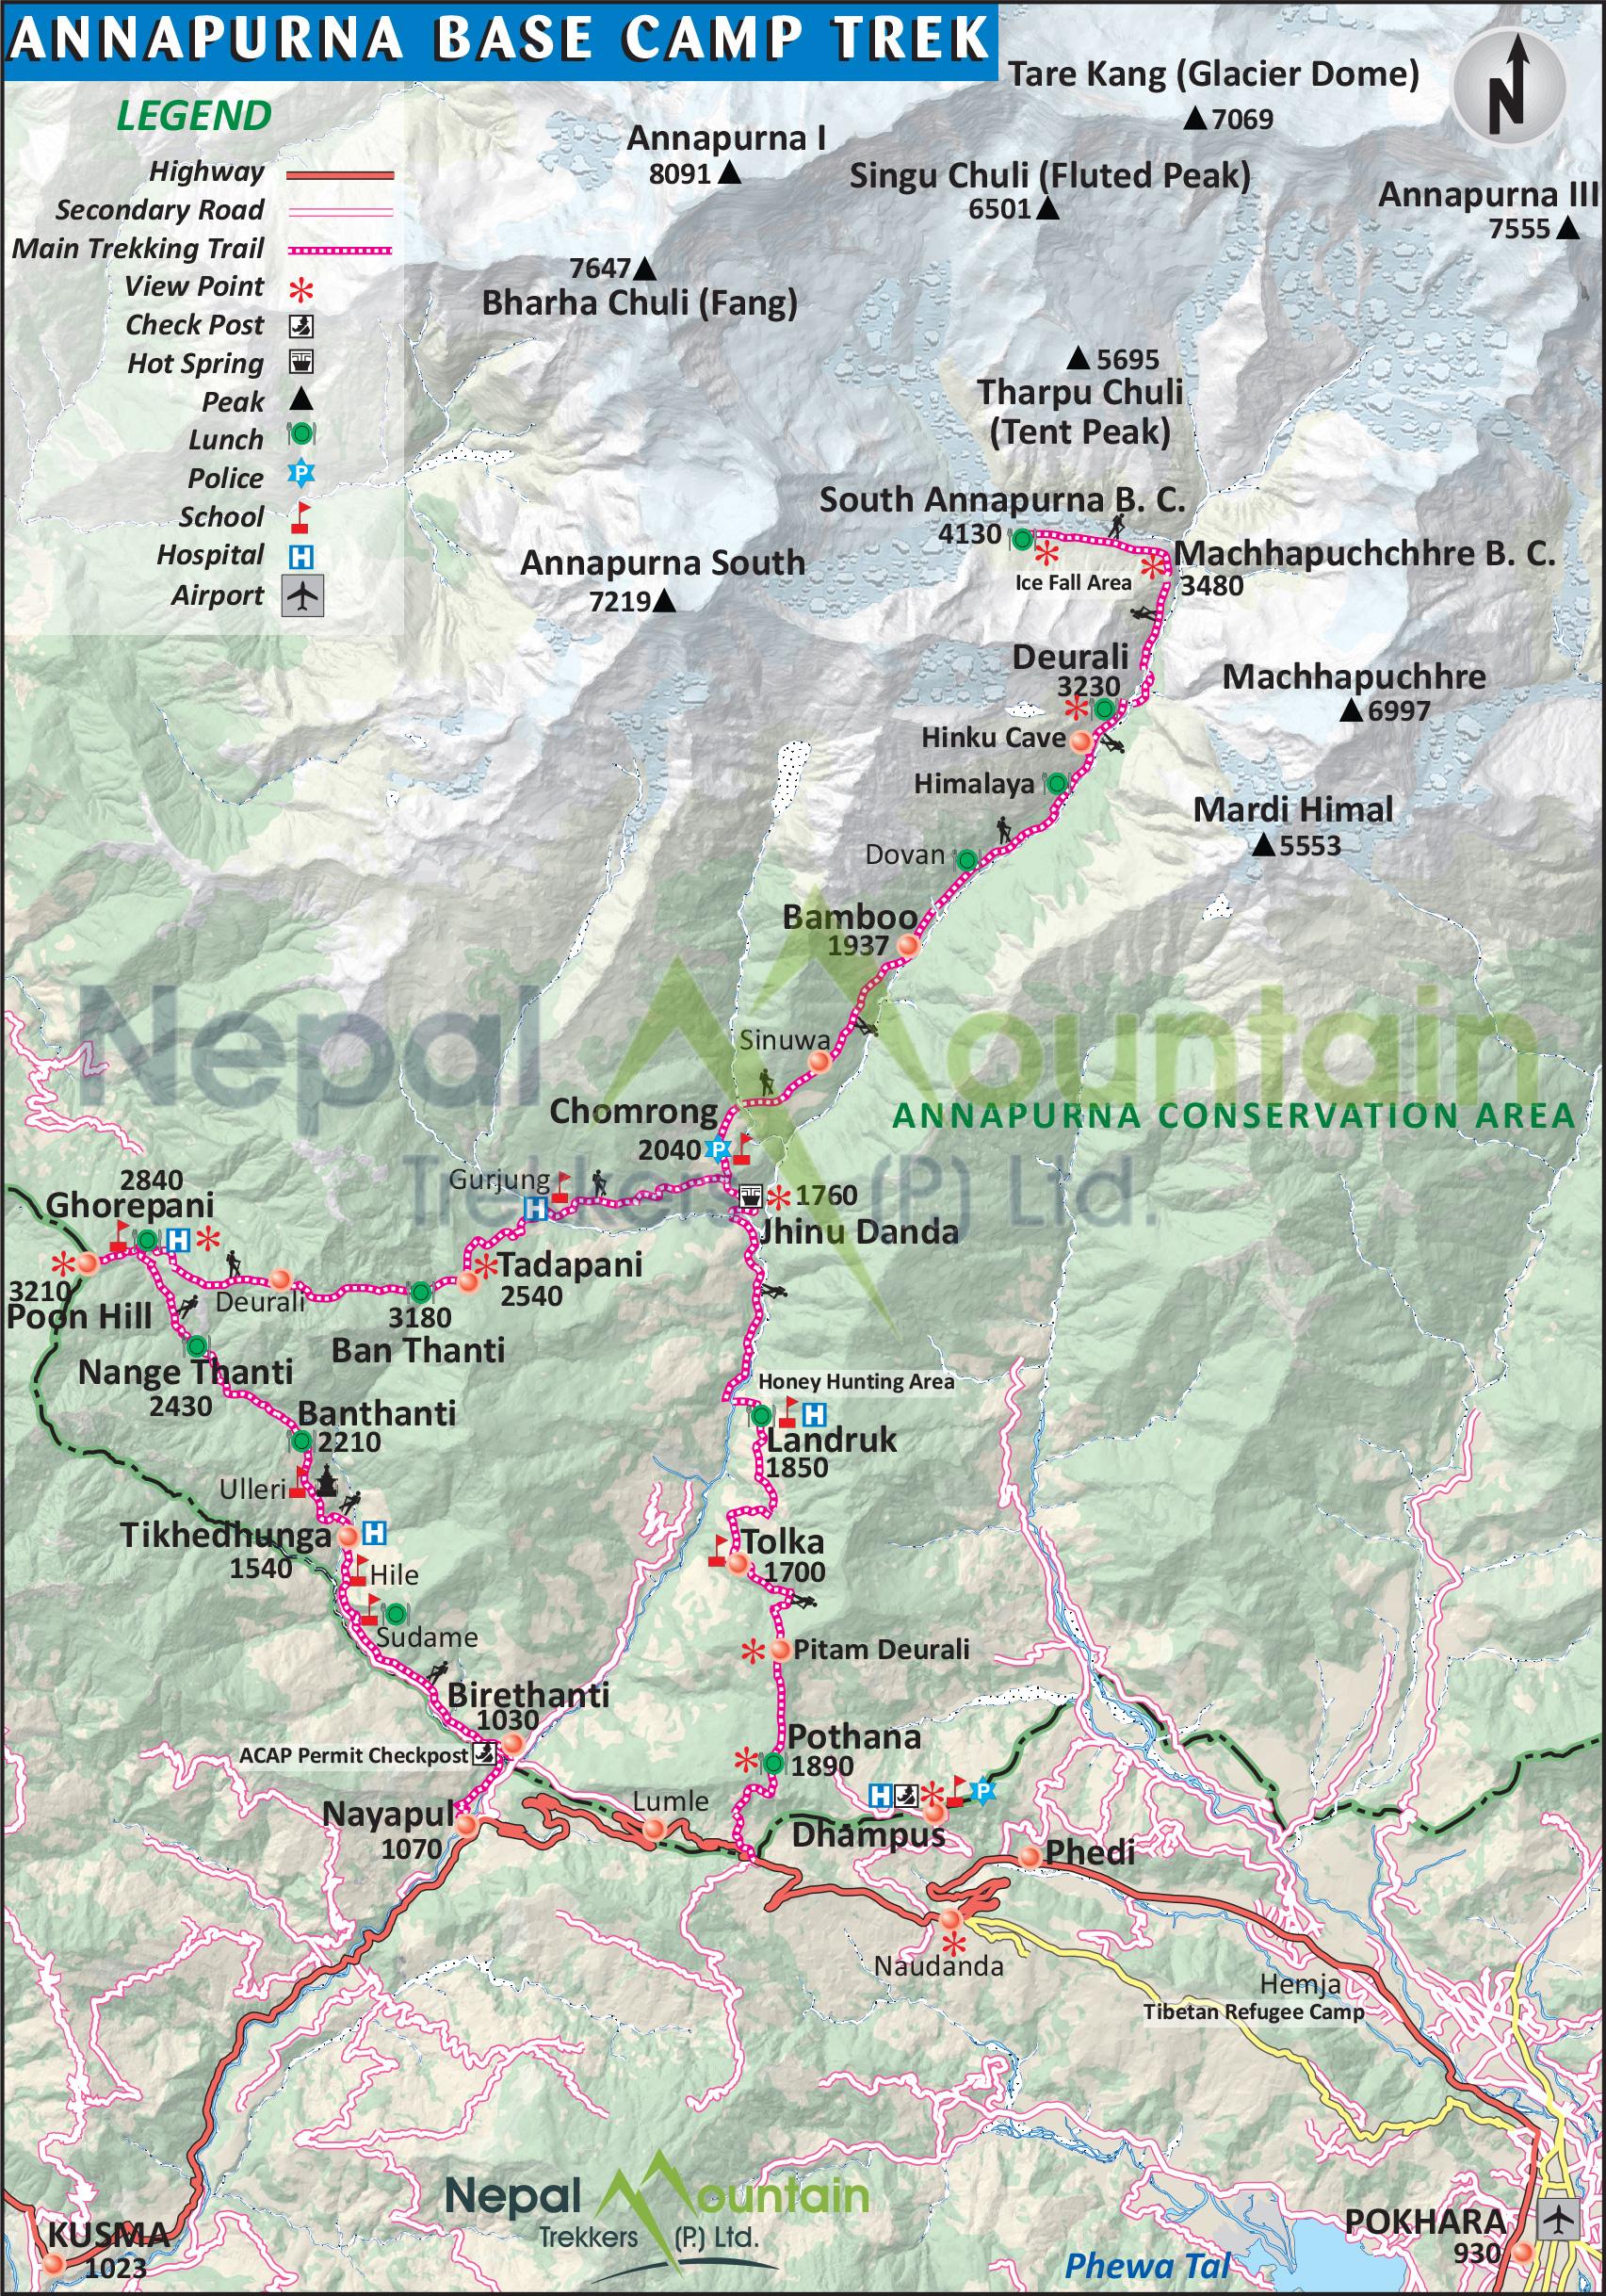 map of Annapurna Base Camp Trek